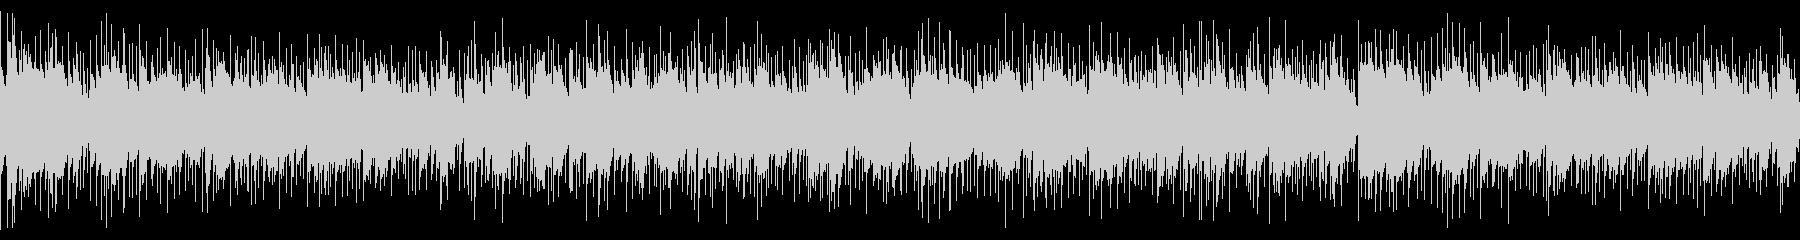 ショパン 「別れのワルツ」 ギターverの未再生の波形